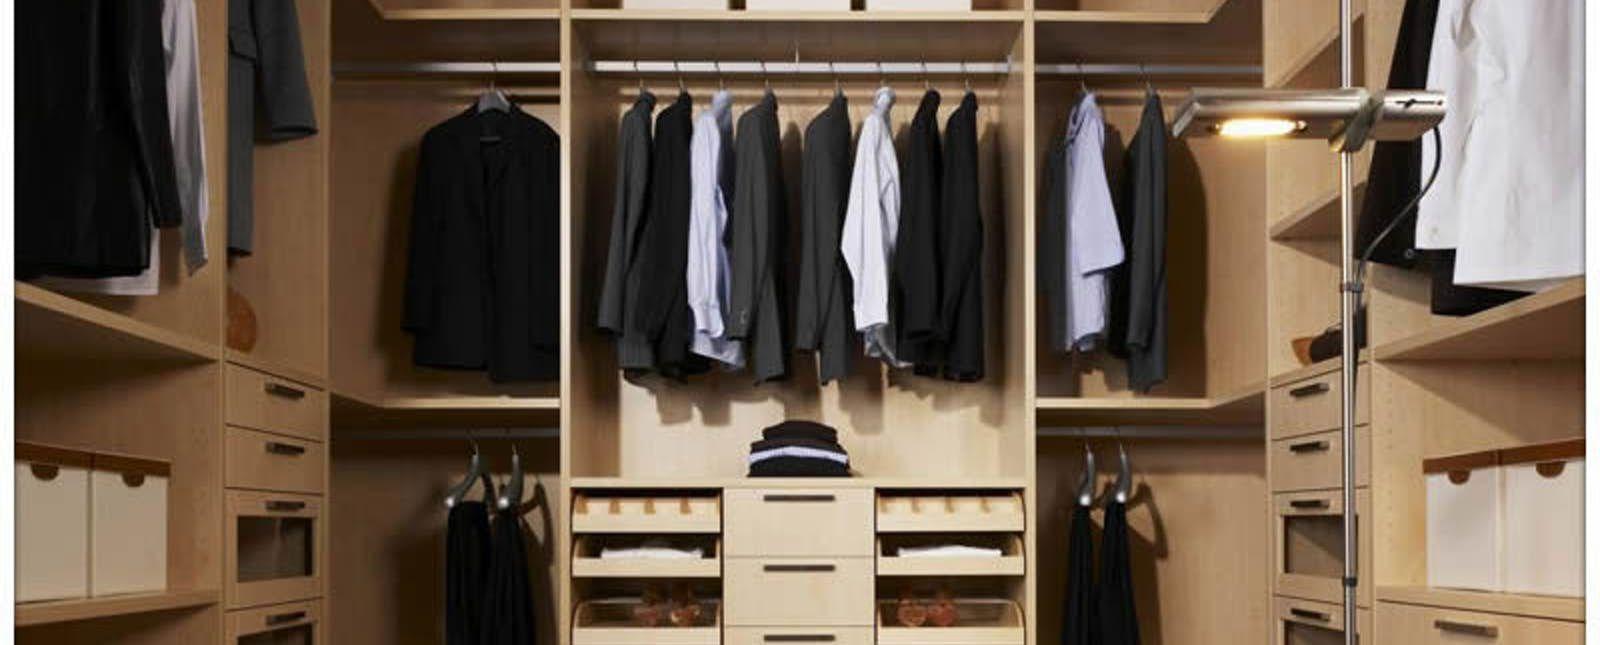 20 ideas para organizar lo inorganizable: tu clóset Moda